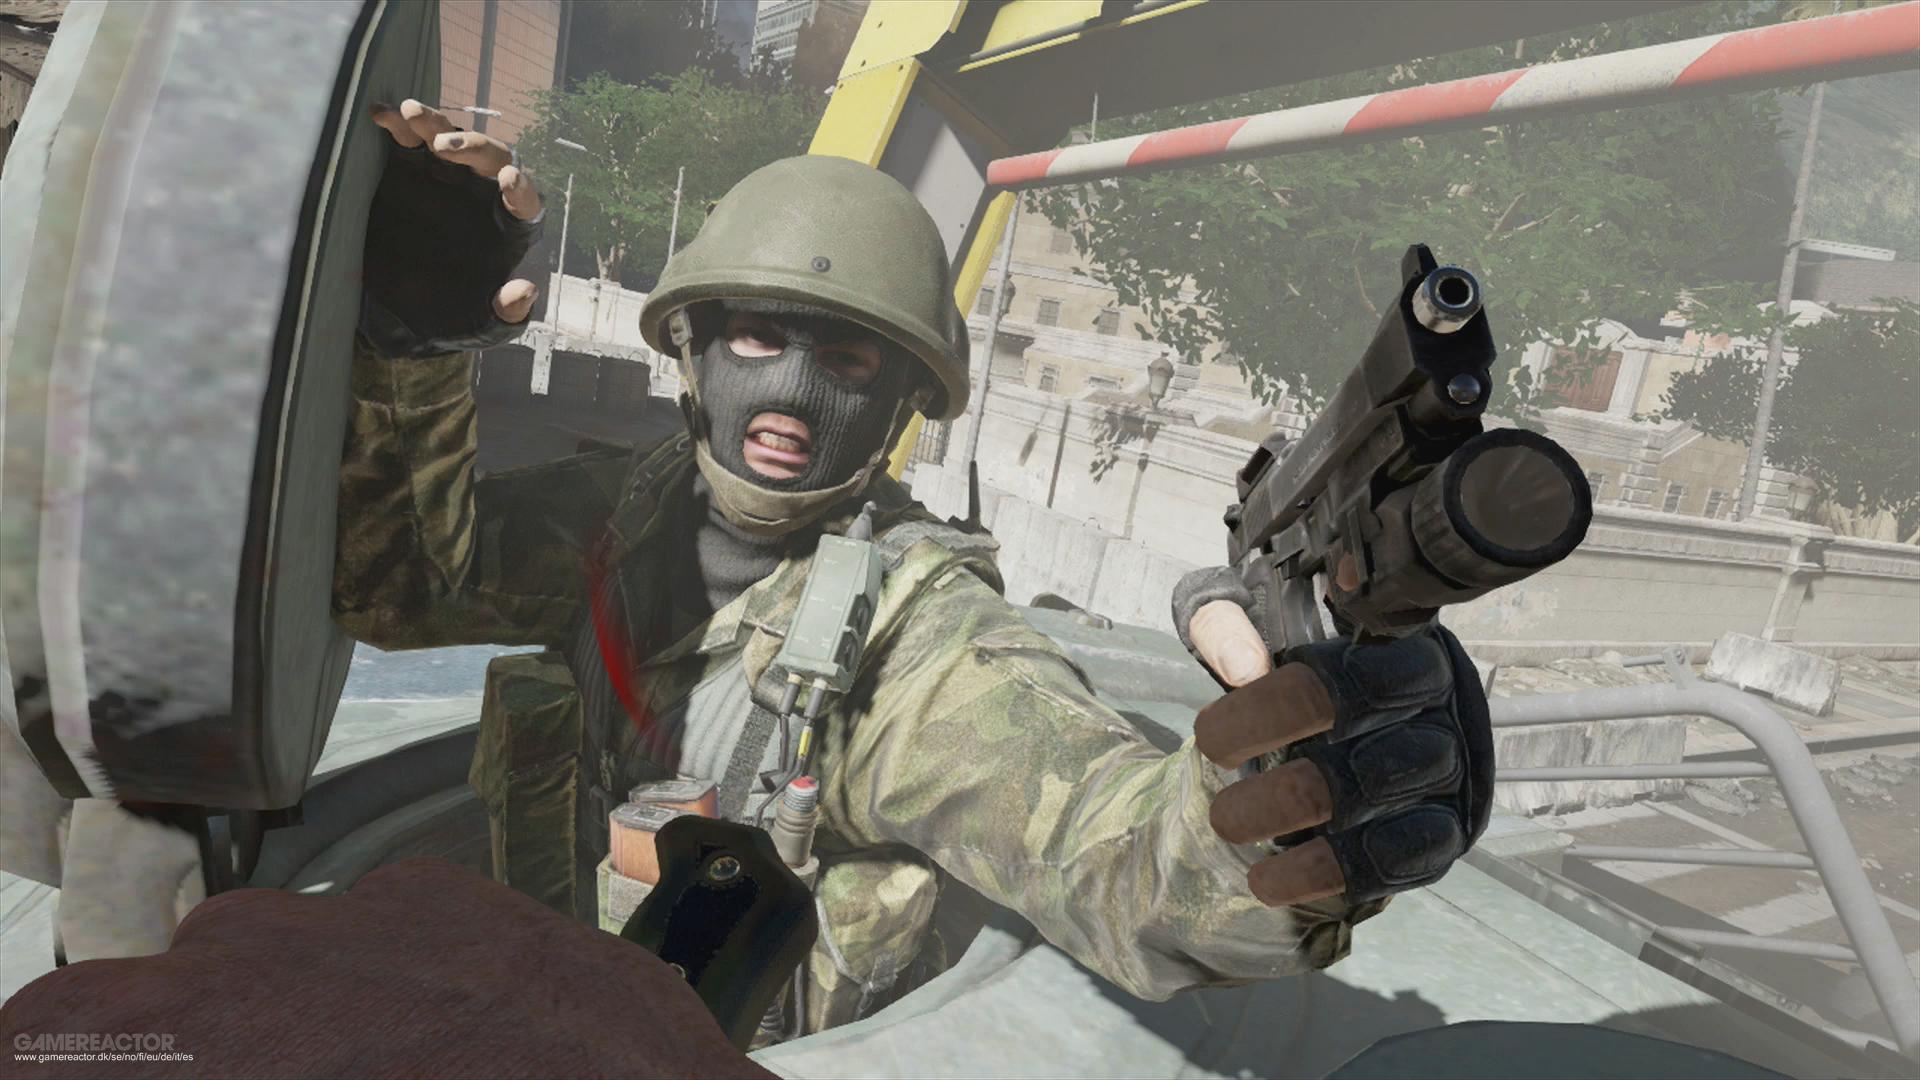 call of duty modern warfare 2 offline multiplayer bots